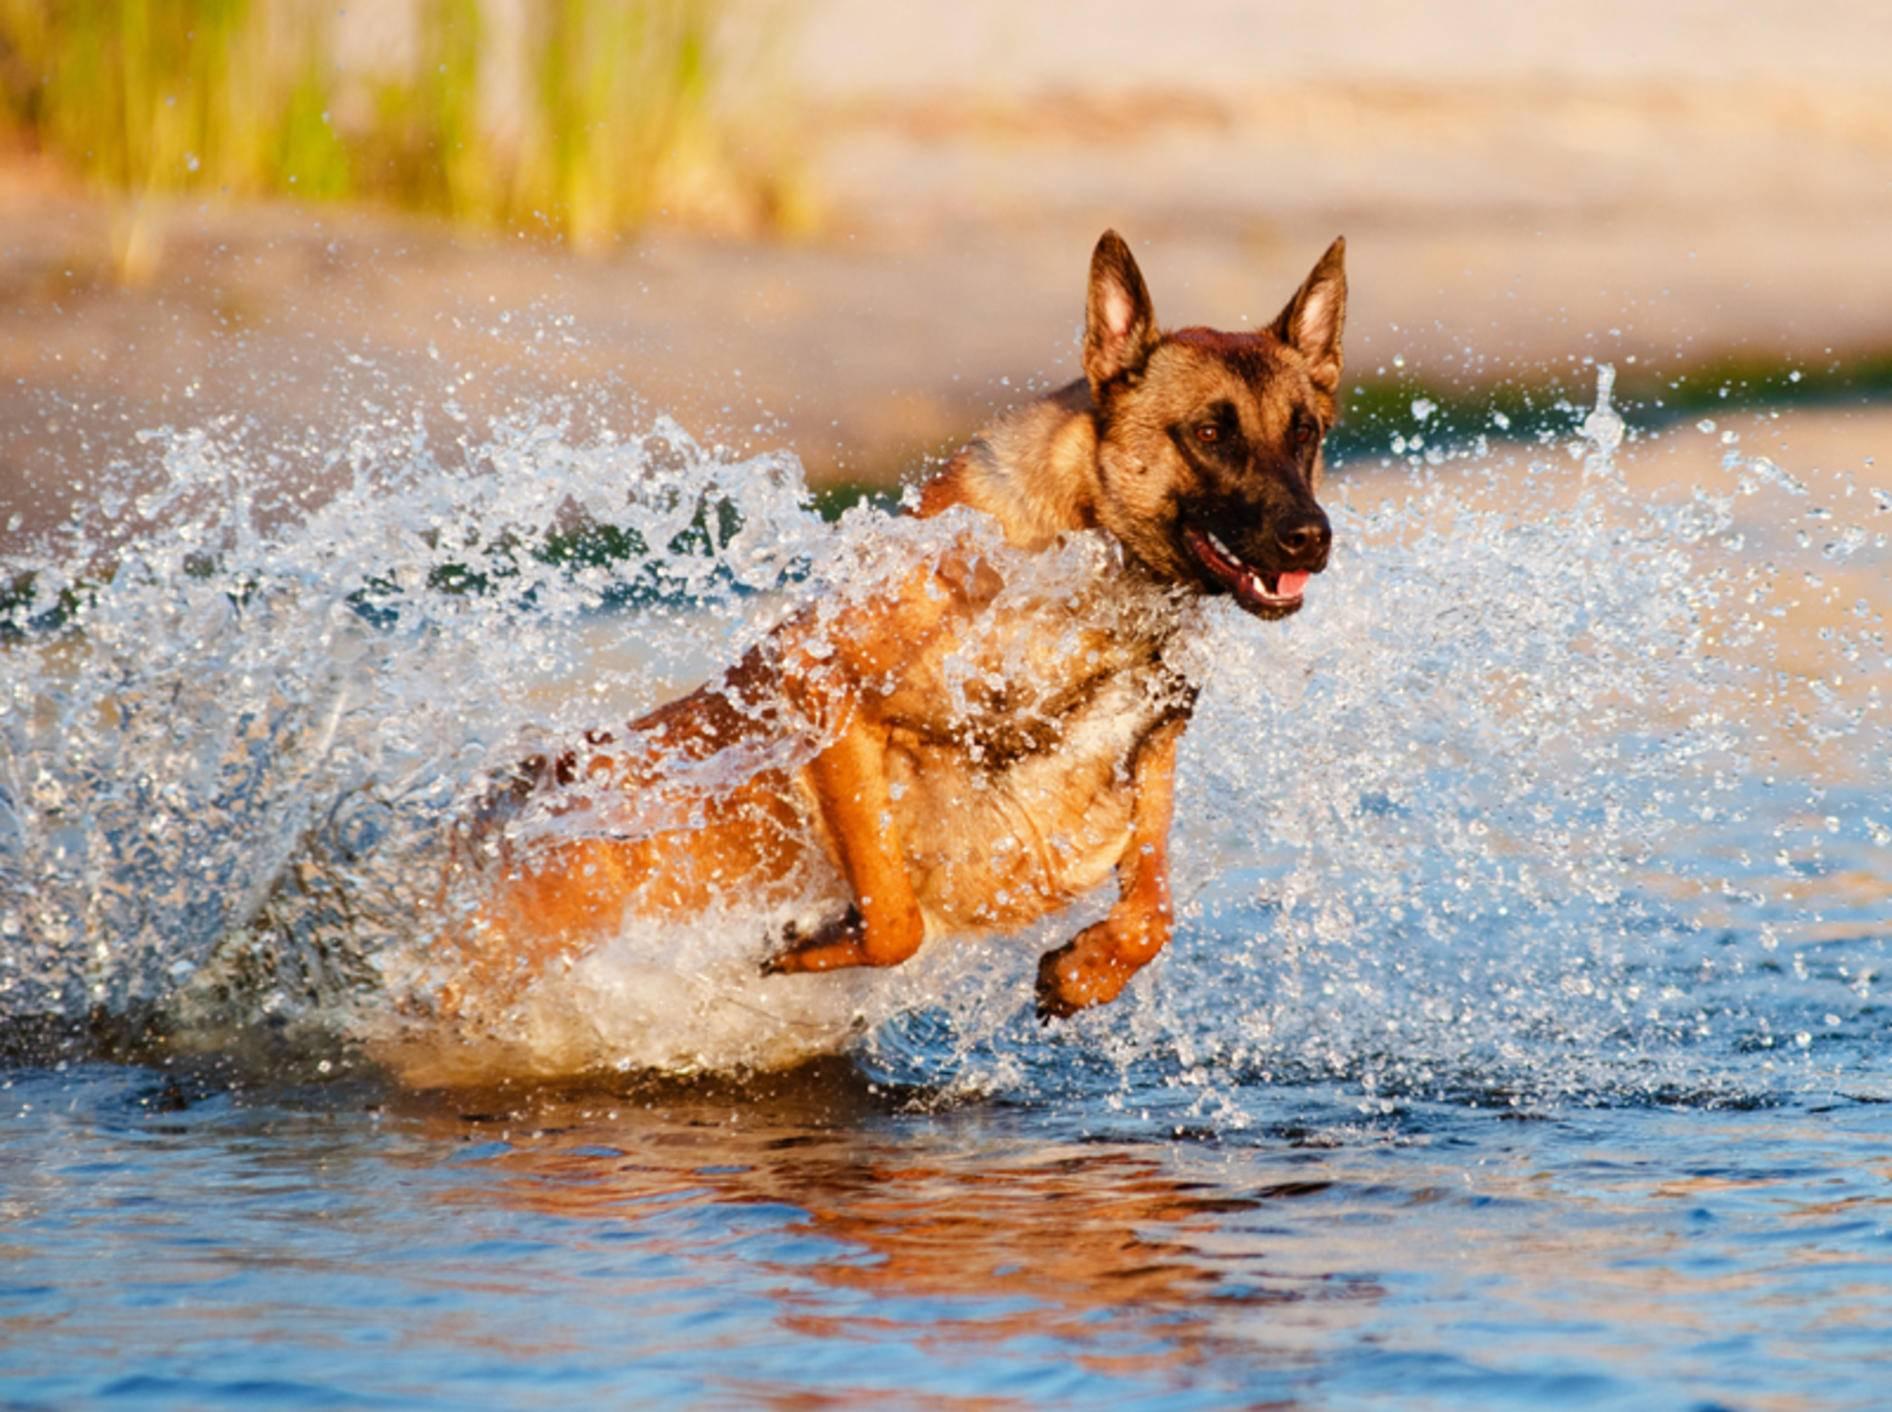 Aktiv und temperamentvoll: So sind Belgische Schäferhunde – Bild: Shutterstock / otsphoto